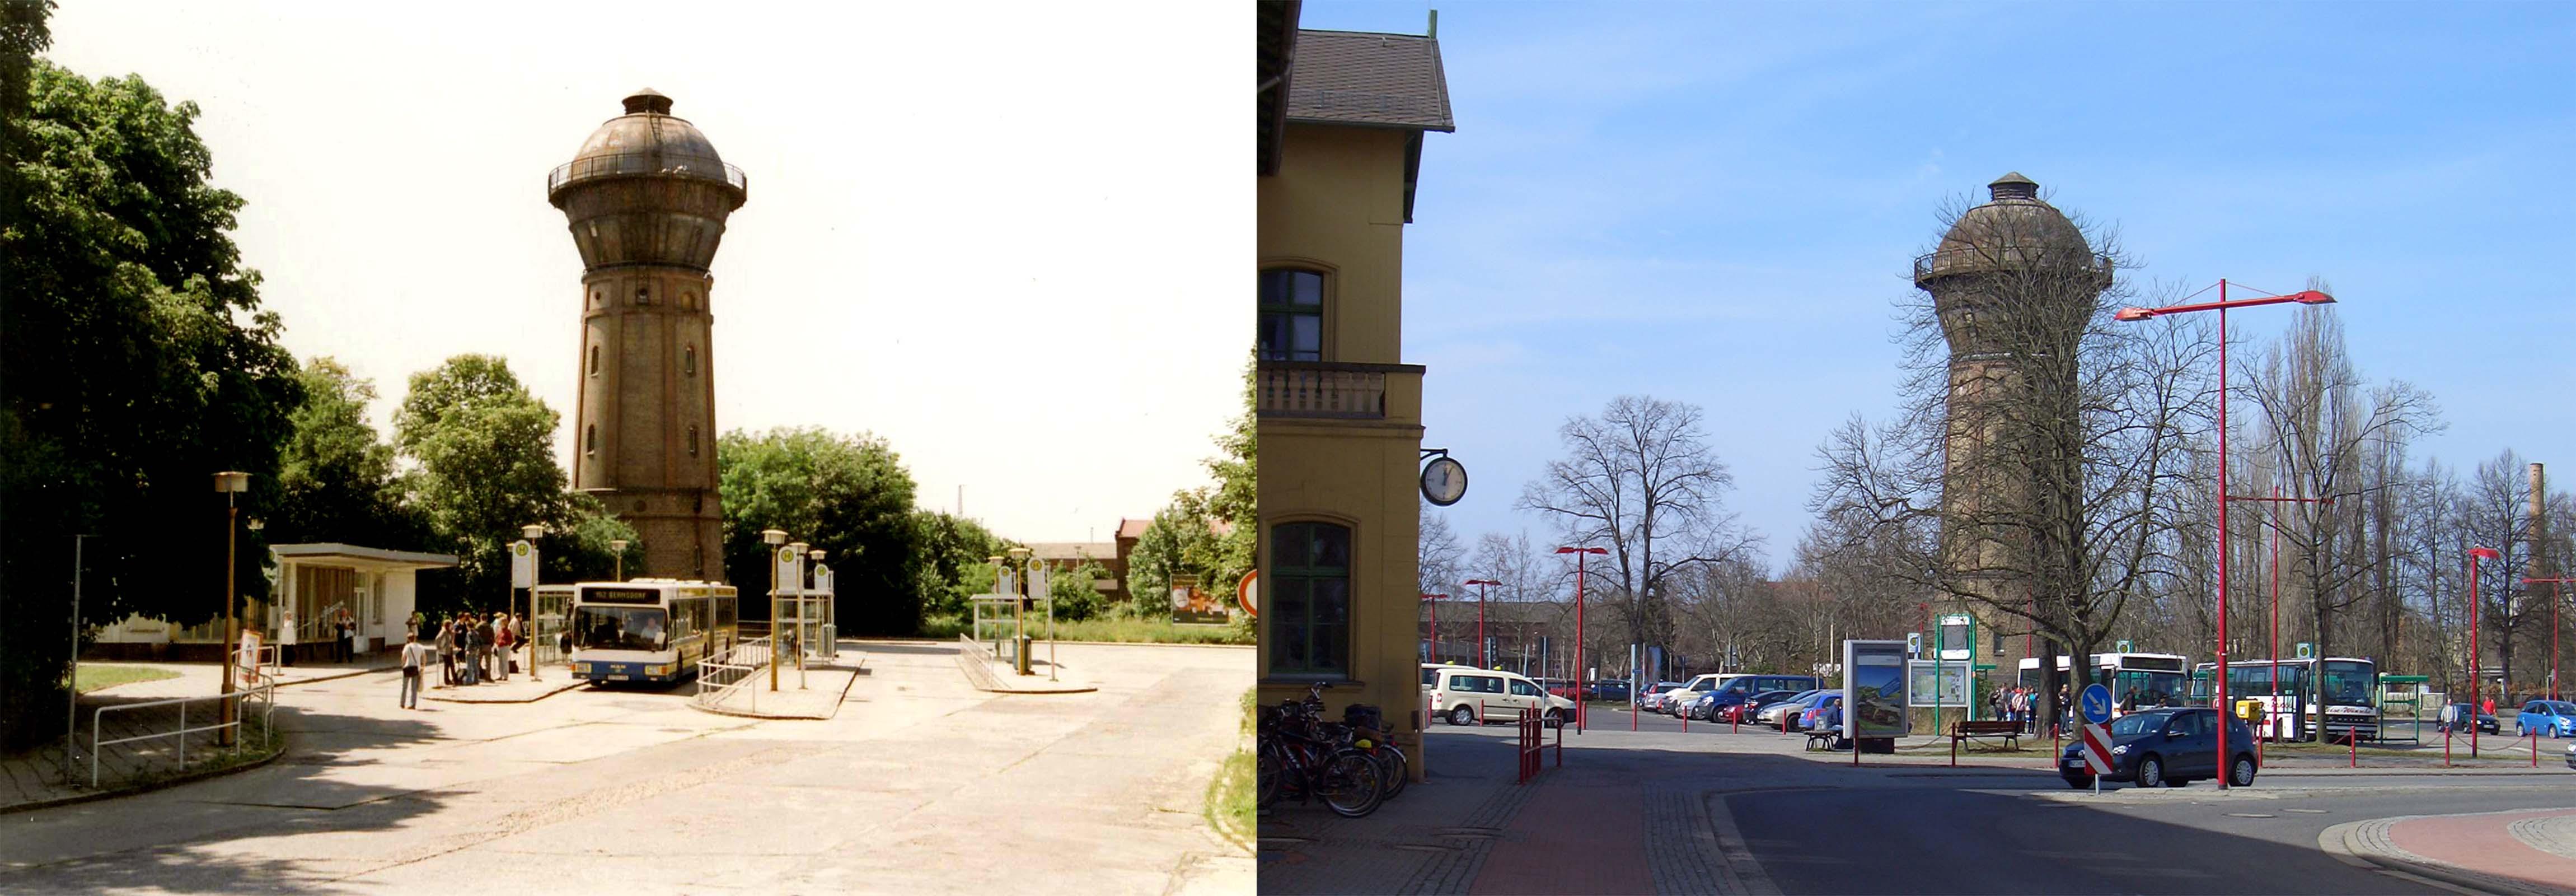 bahnhofsvorplatz_busplatz-vorher_2011